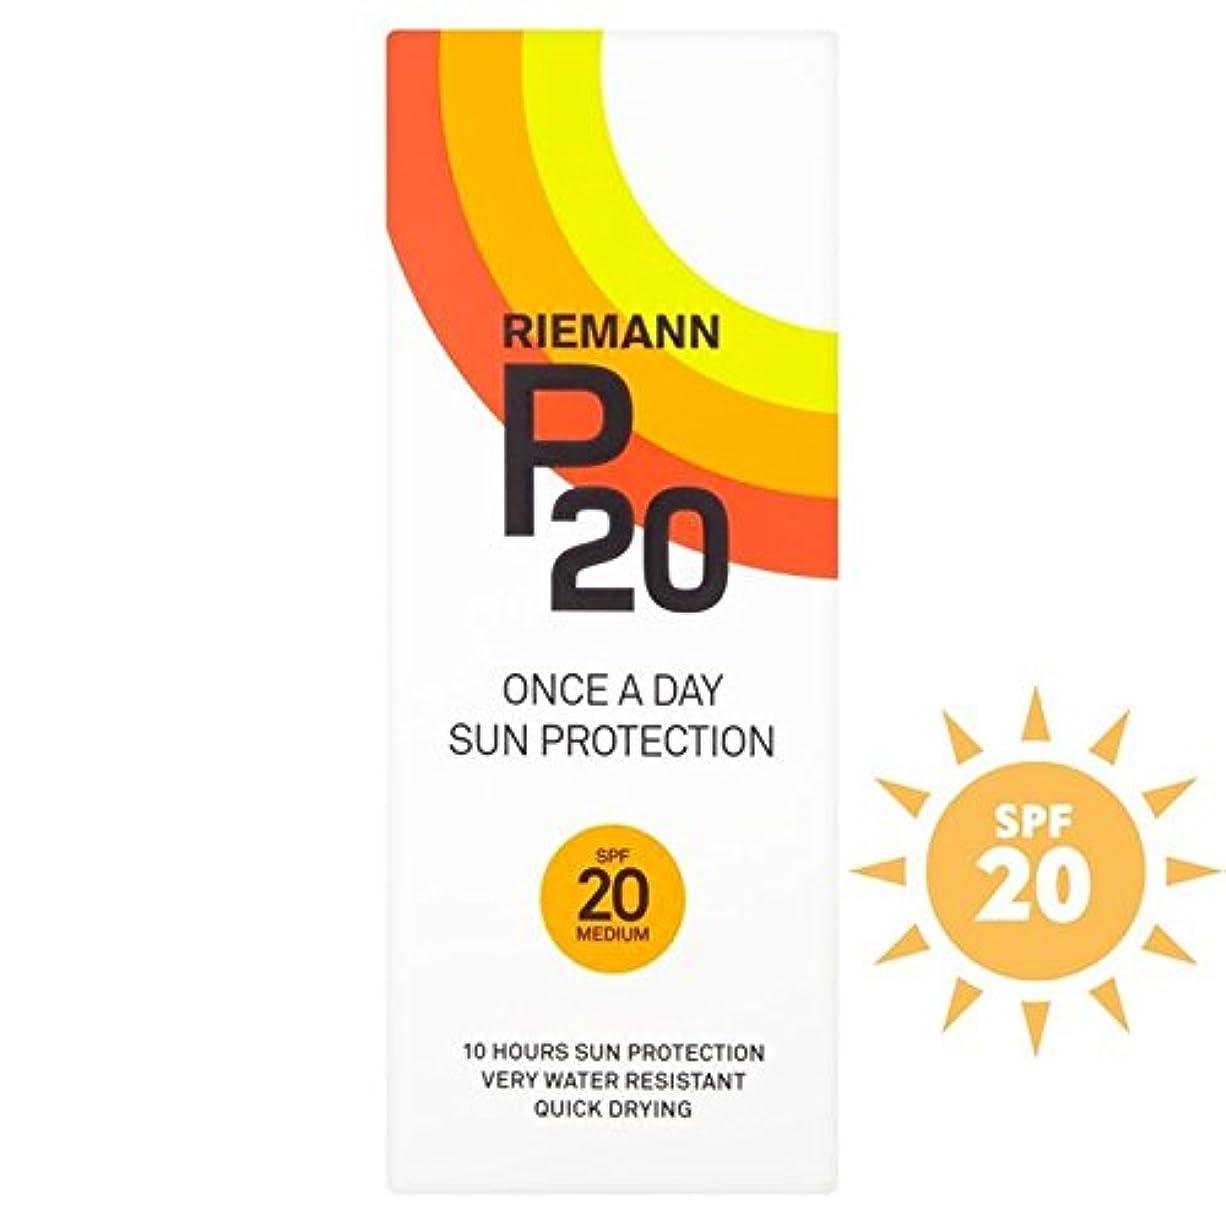 ローマ人クアッガ慣れているリーマン20 20 1日/ 10時間の保護200ミリリットル x4 - Riemann P20 SPF20 1 Day/10 Hour Protection 200ml (Pack of 4) [並行輸入品]